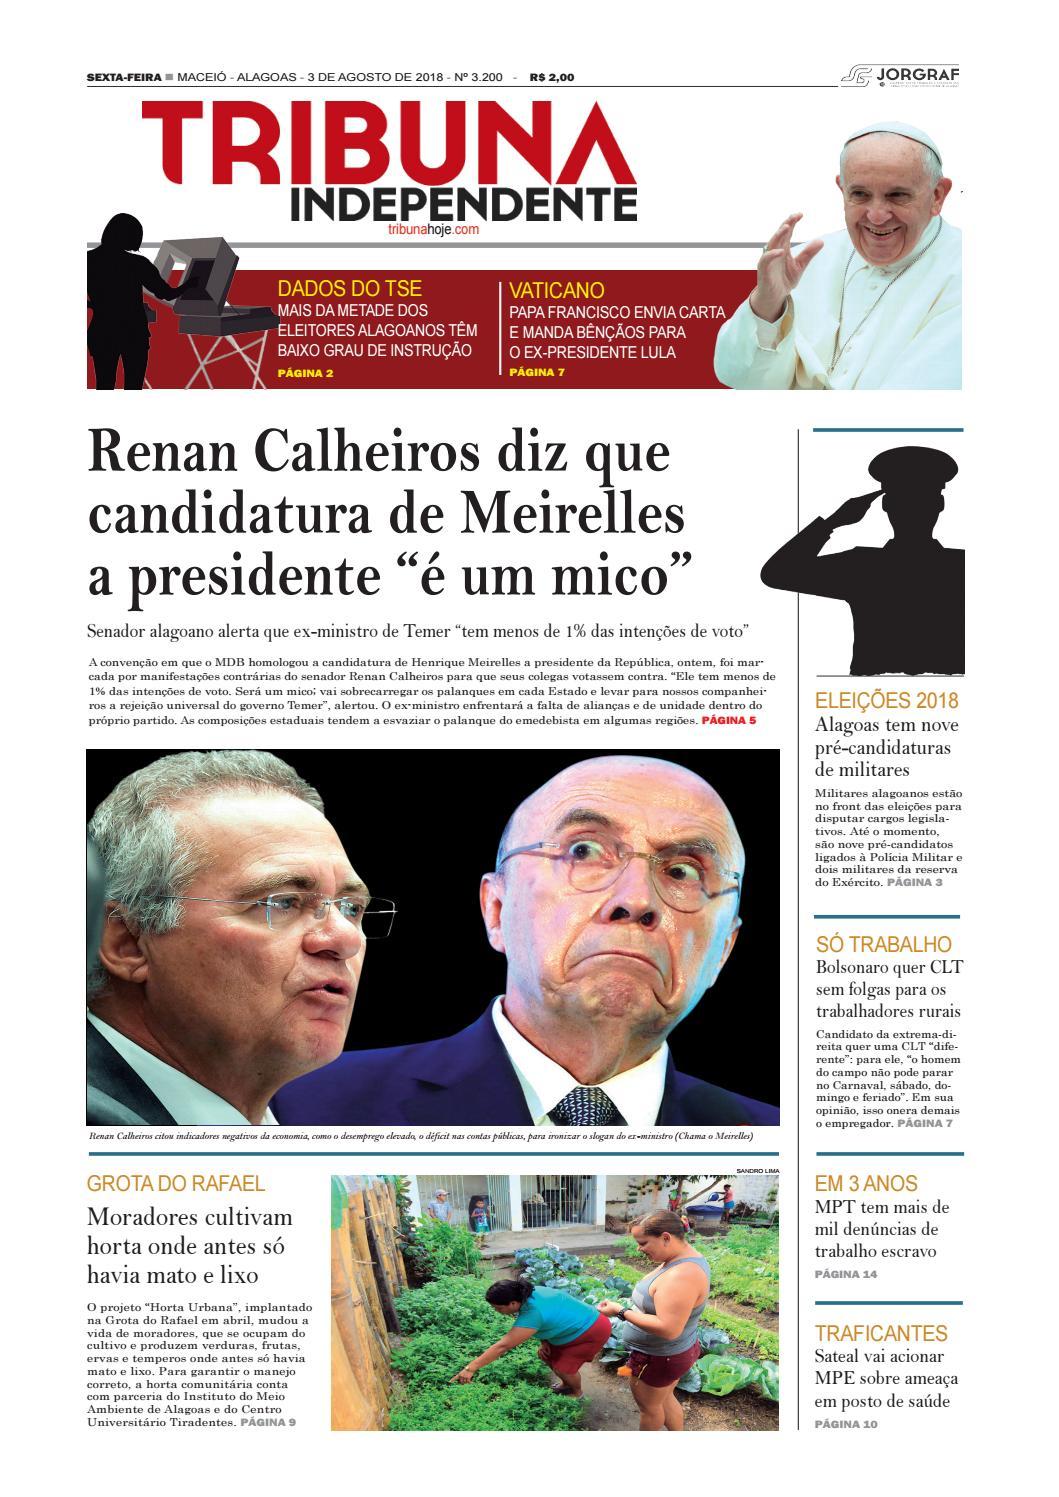 Edição número 3200 - 3 de agosto de 2018 by Tribuna Hoje - issuu 35f96eee230e